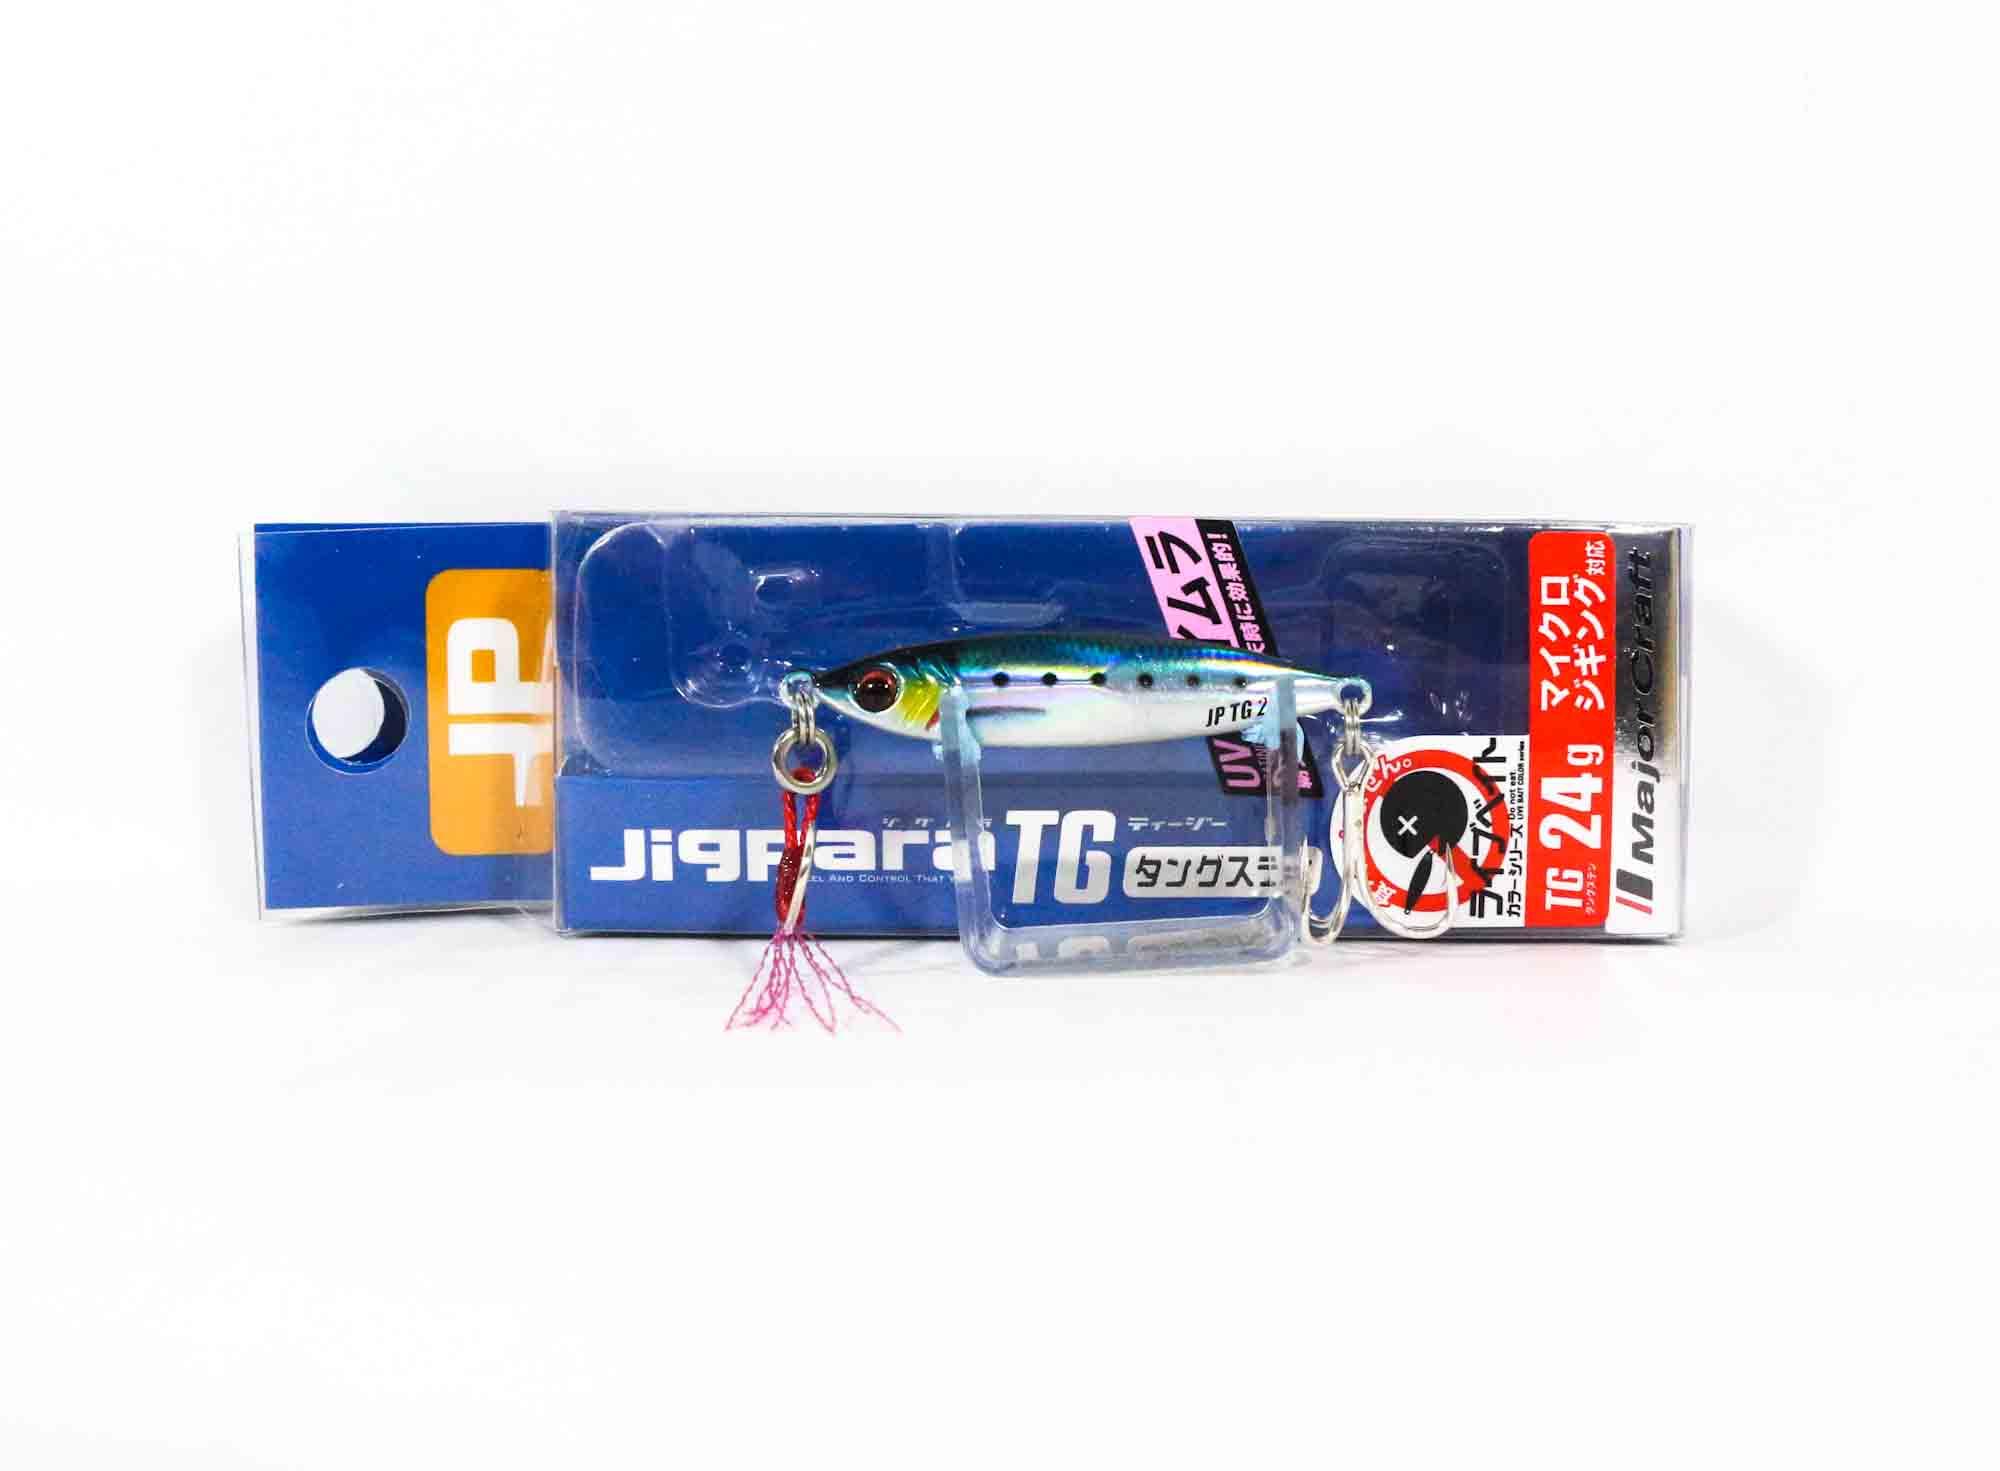 5056 Major Craft Metal Jig Jigpara Vertical JPV-80L grams 084